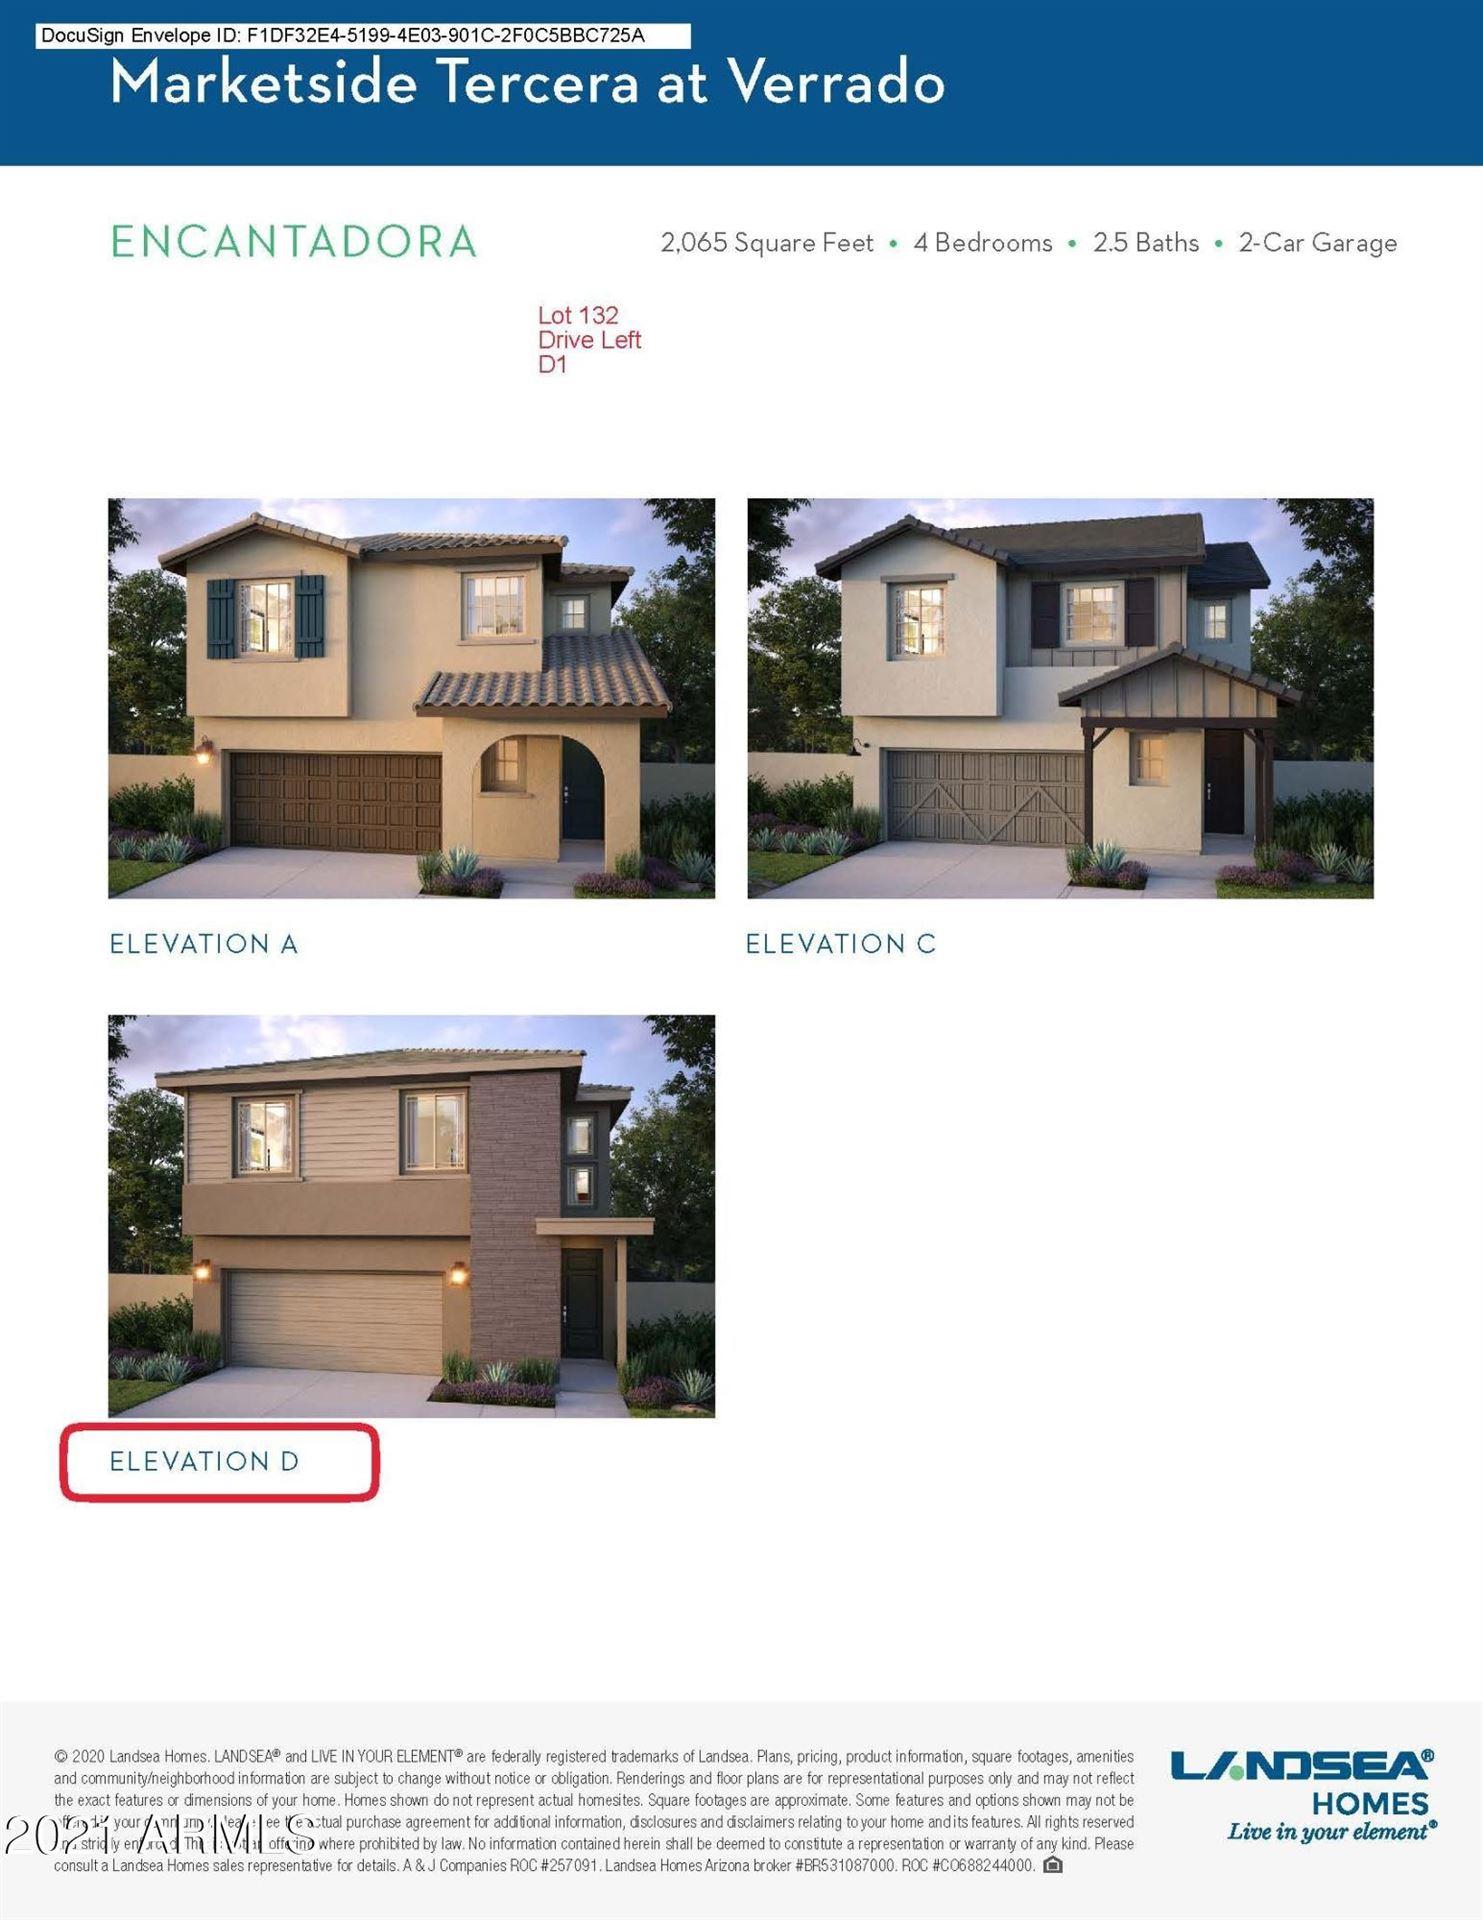 2175 N MARKETSIDE Avenue, Buckeye, AZ 85396 - MLS#: 6269440